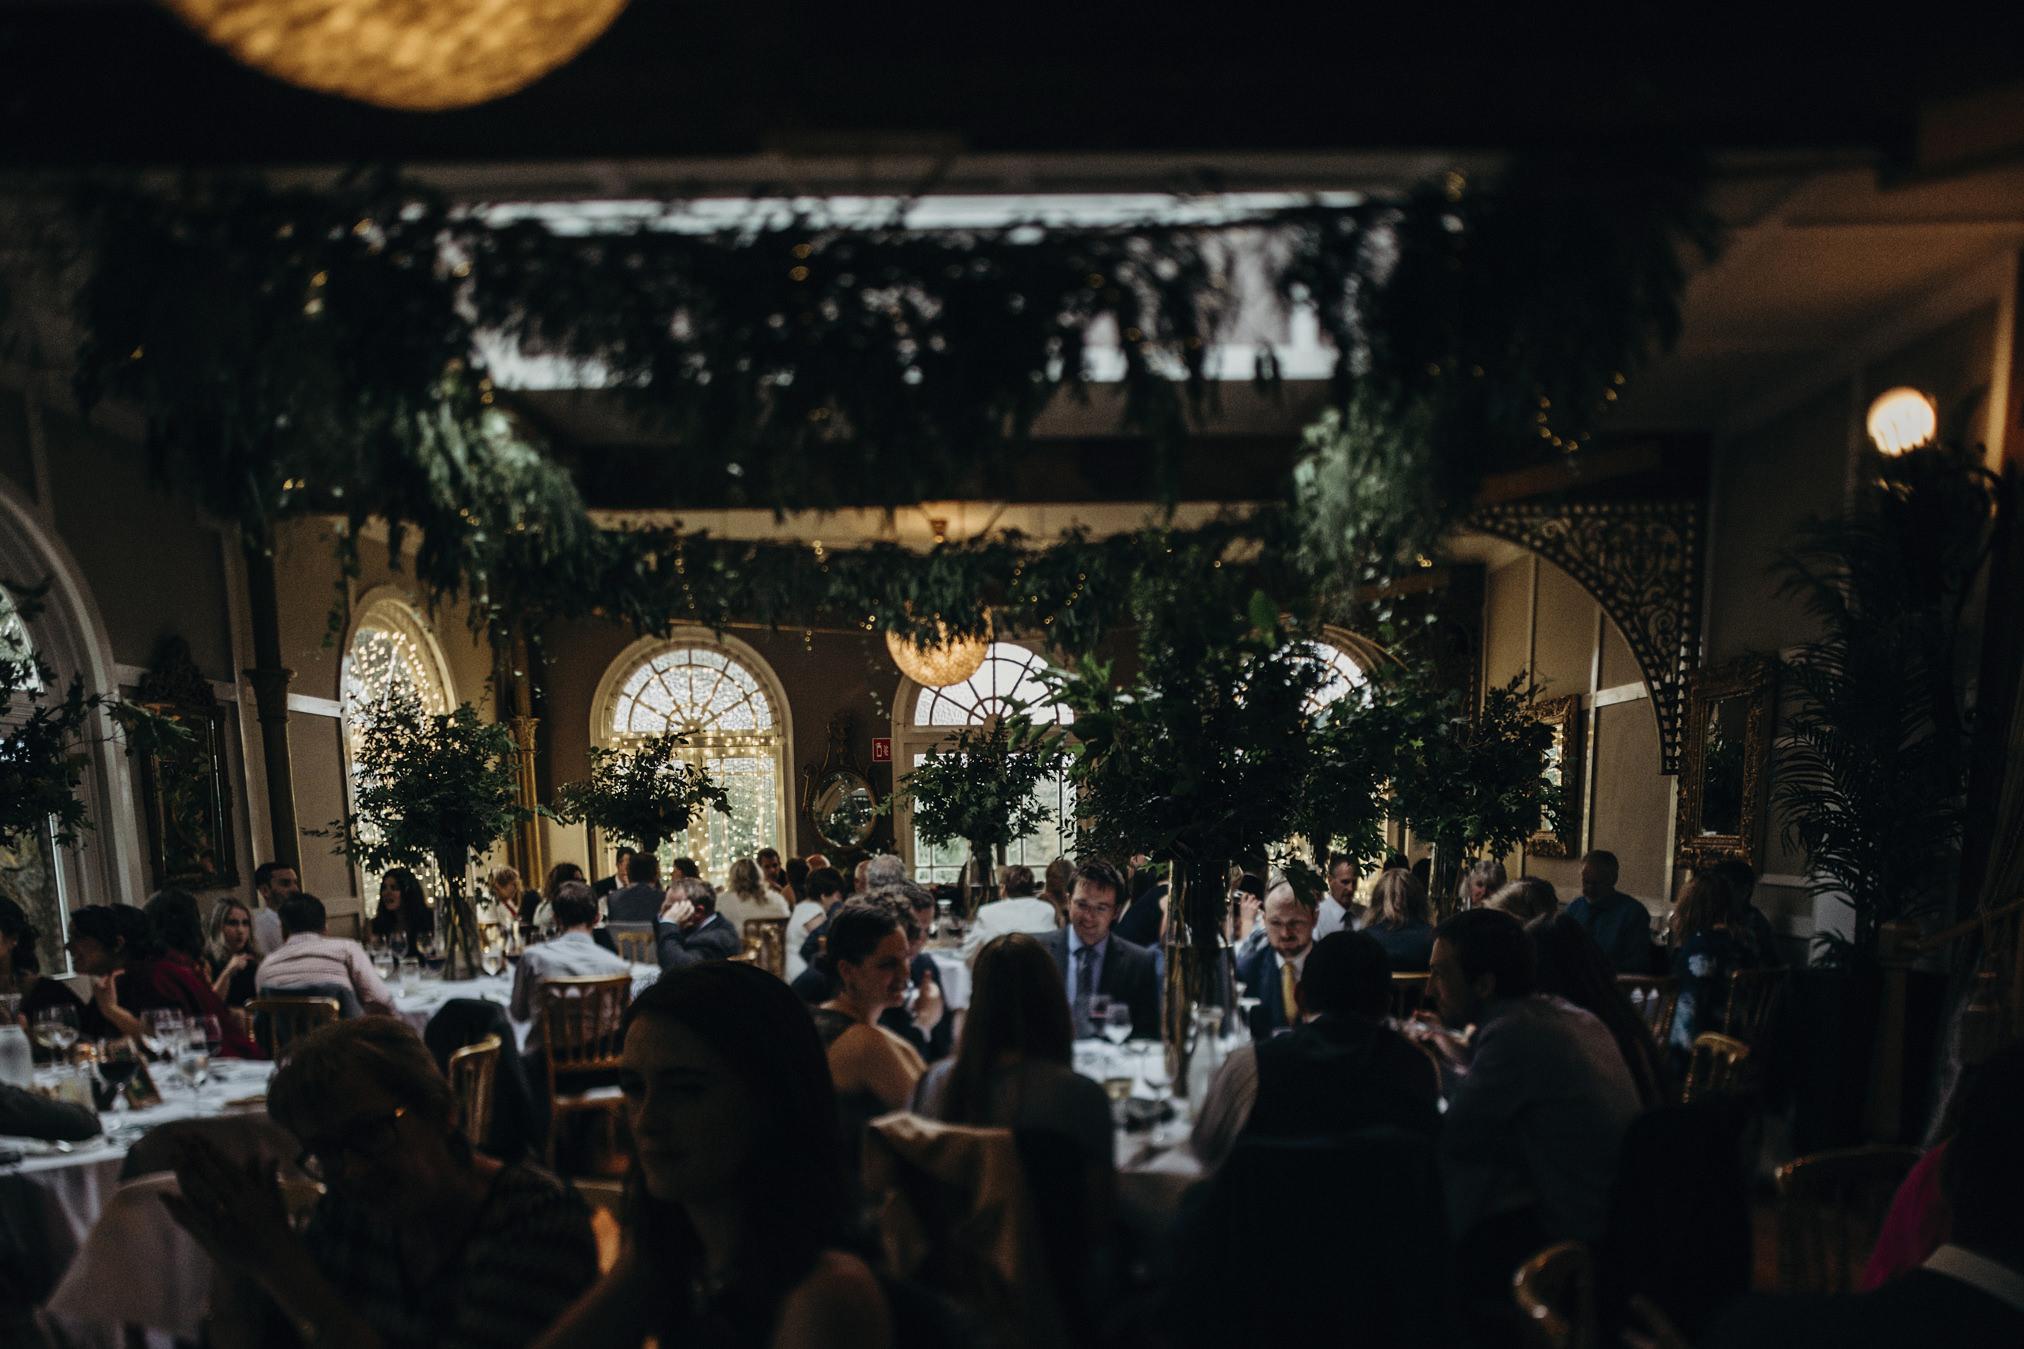 wedding photographer irelandGraciela Vilagudin Photography652.jpg